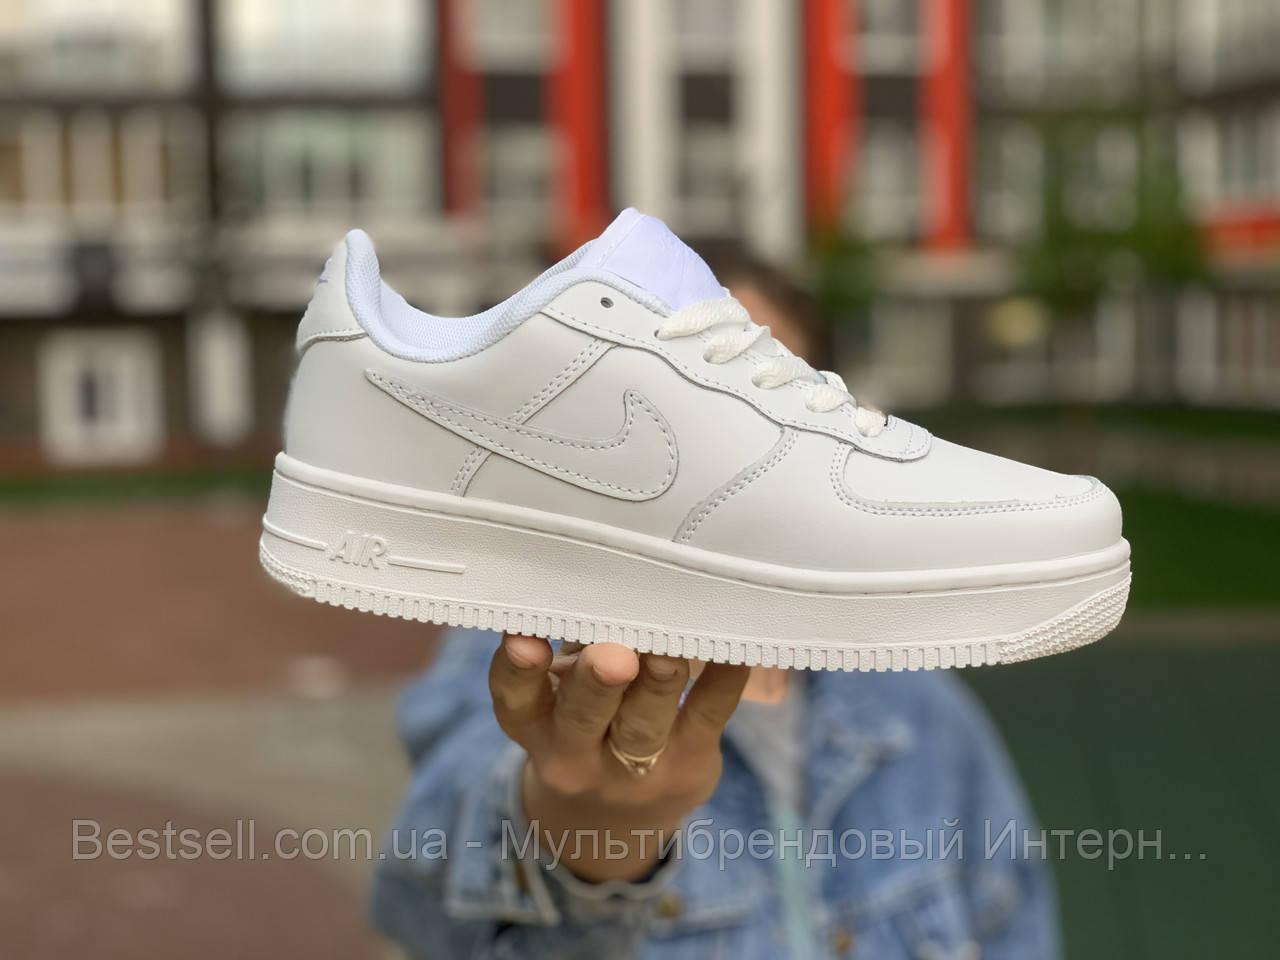 Кроссовки  белые низкие натуральная кожа Nike Air Force Найк Аир Форс (36,37,38,39,40,41)